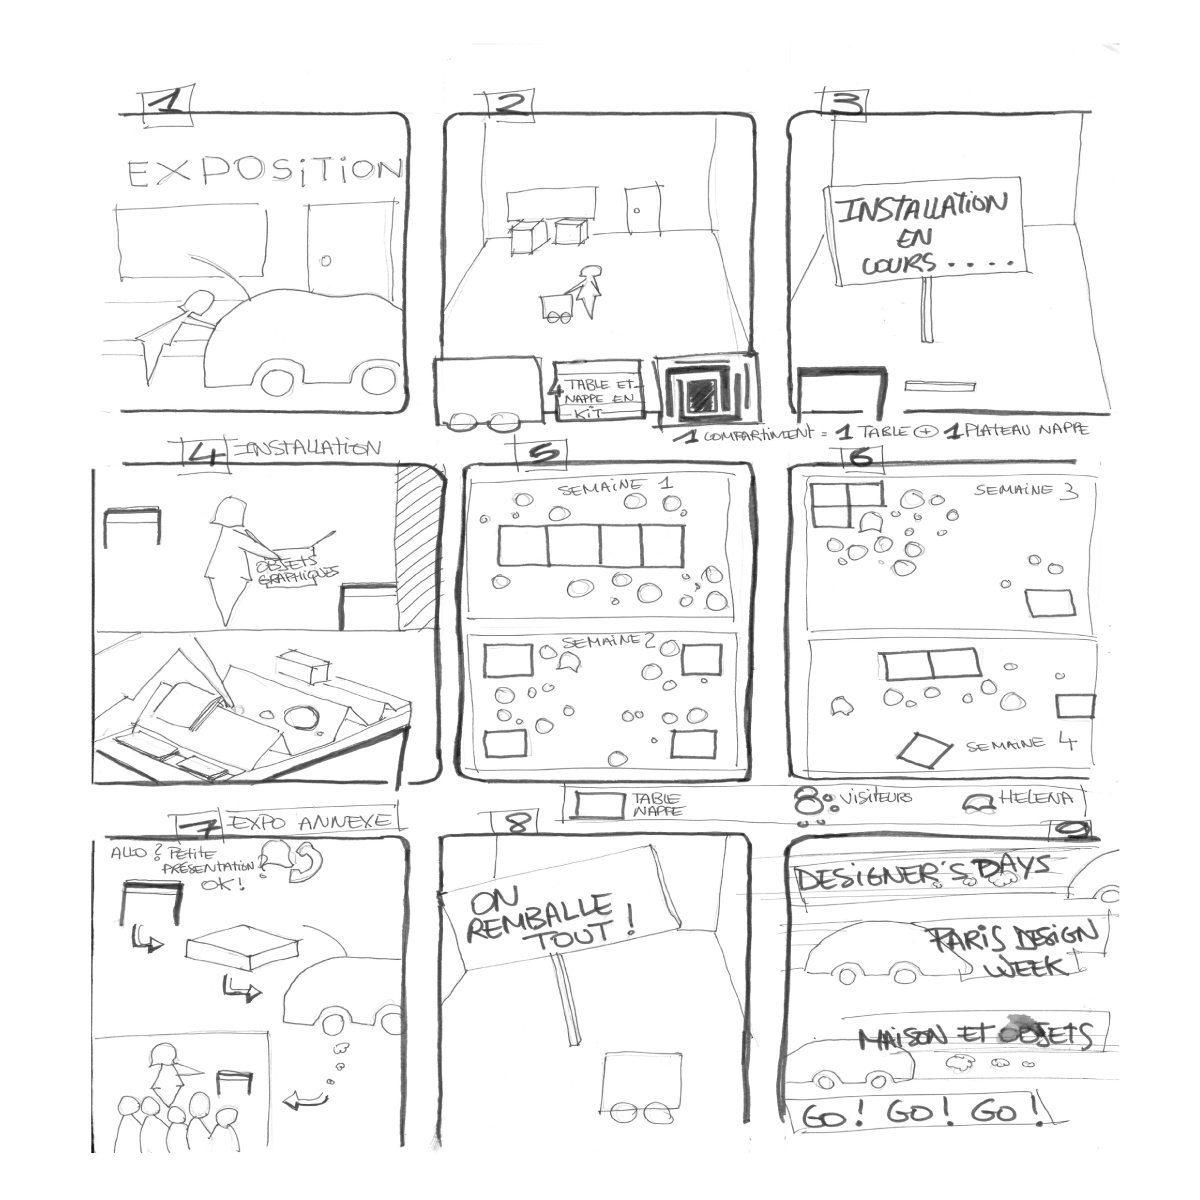 dessin d'utilisation de la table d'exposition d'objets graphiques de guillaume buzin pour ichetkar